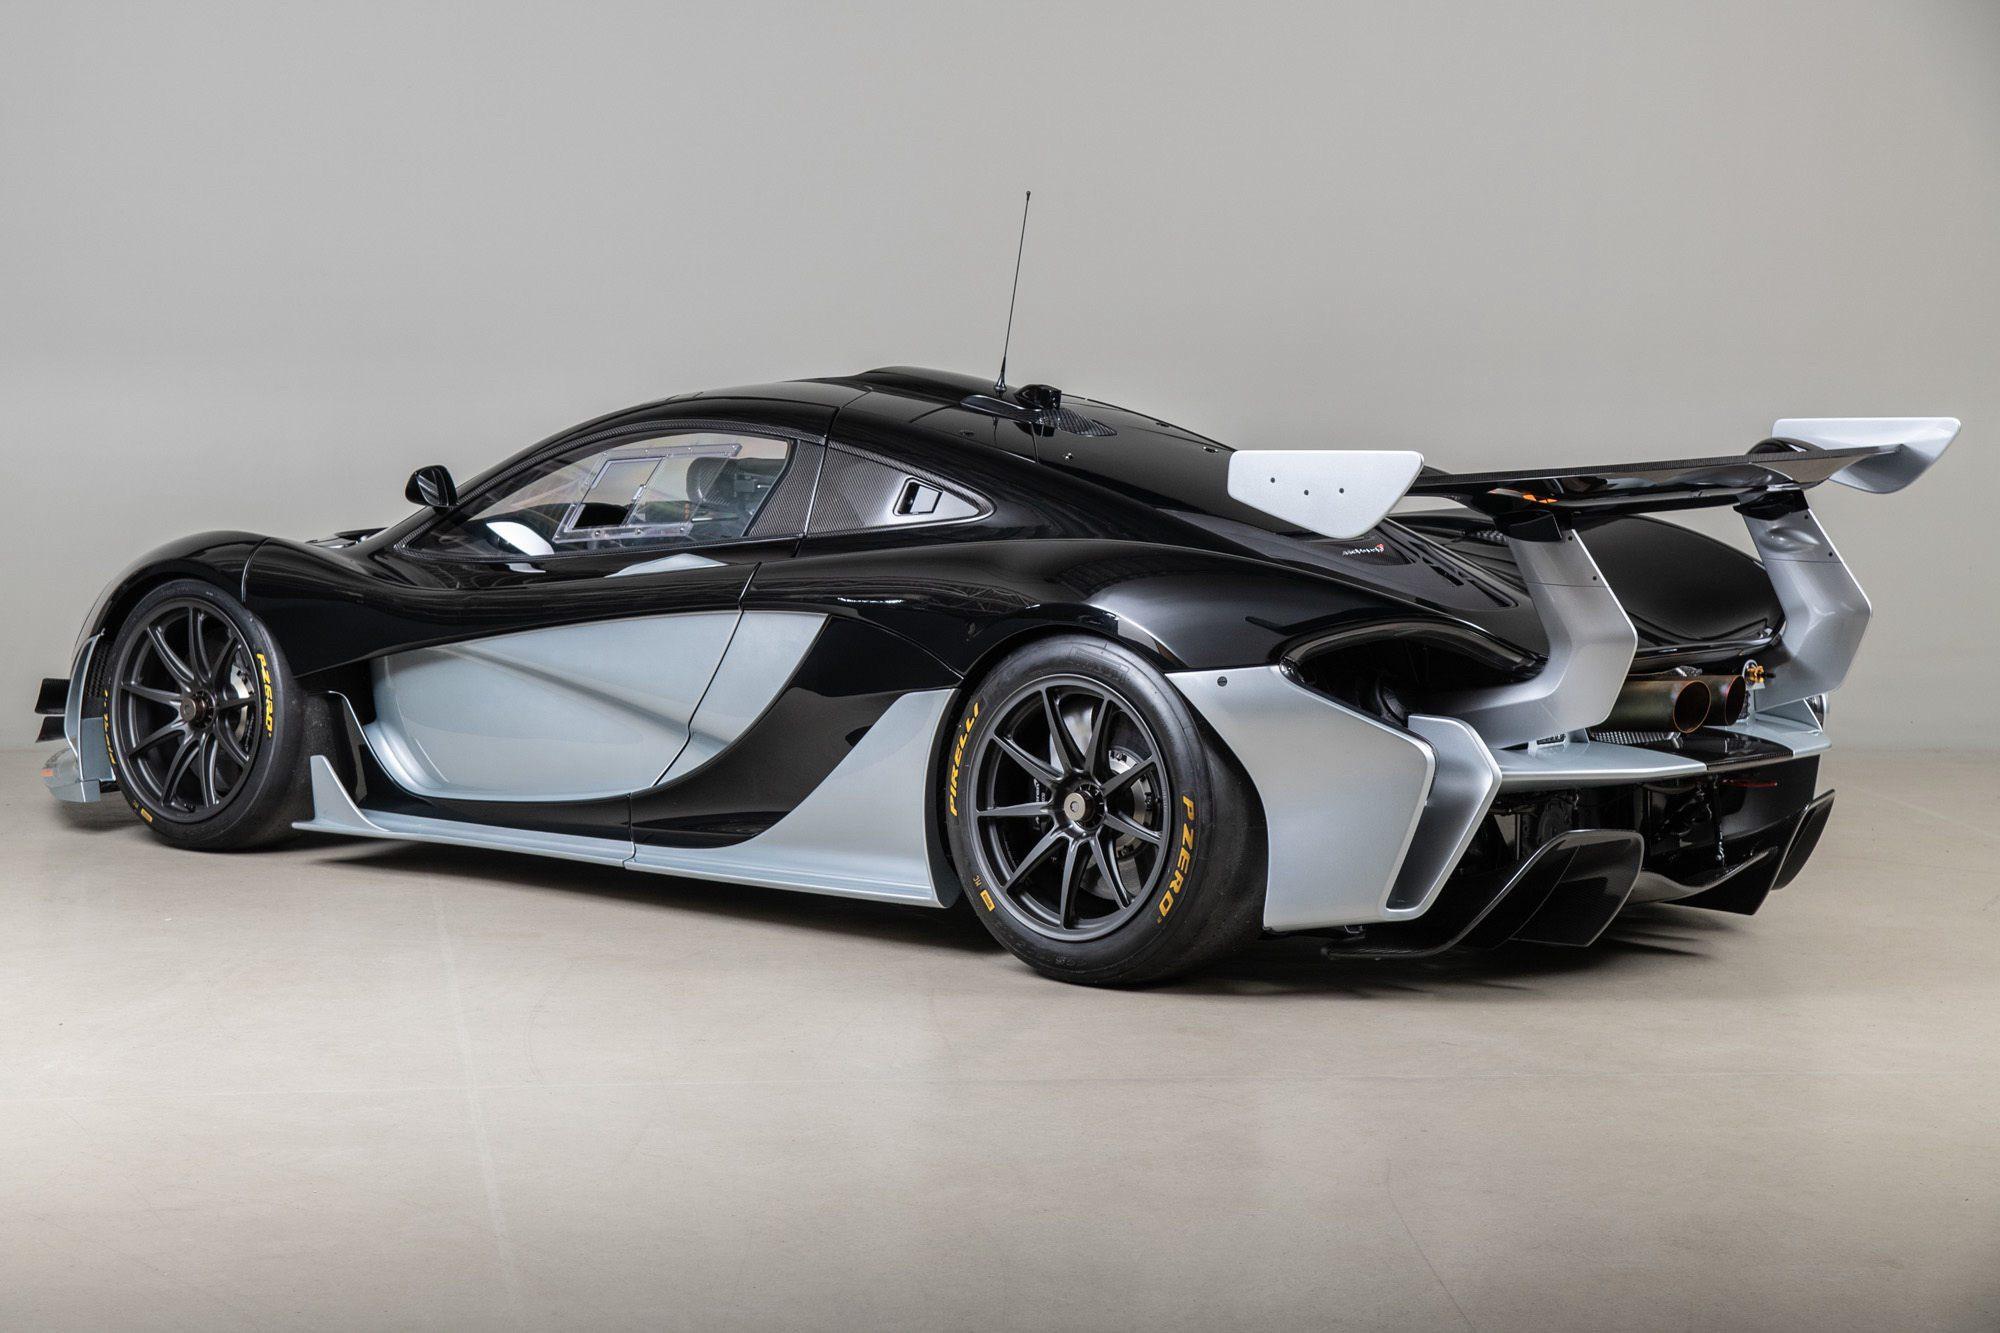 Ένα McLaren P1 GTR προς πώληση με μόλις 455 χλμ